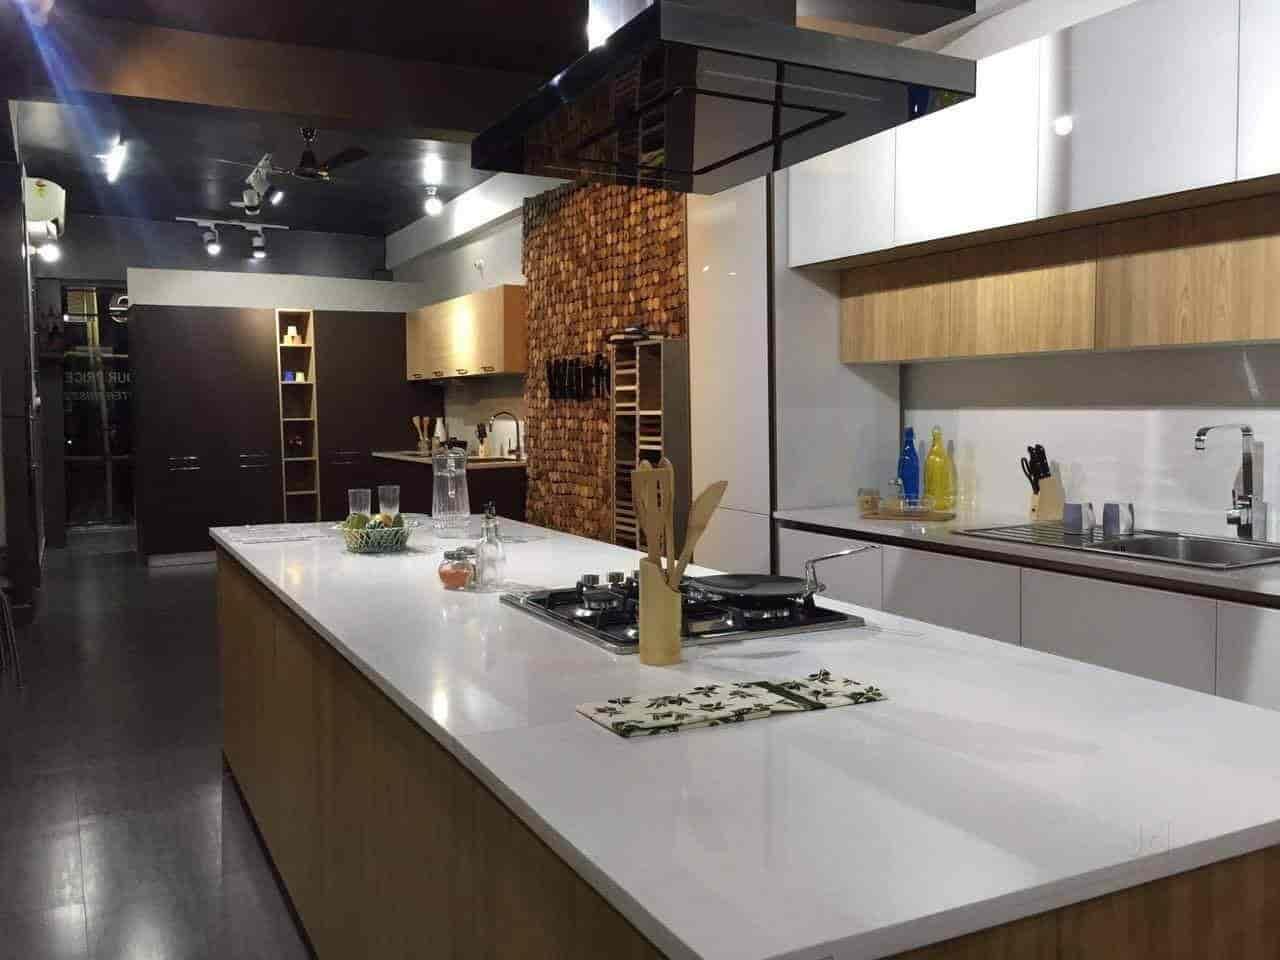 Gemütlich Kücheninterieur Natick Fotos - Küchen Design Ideen ...